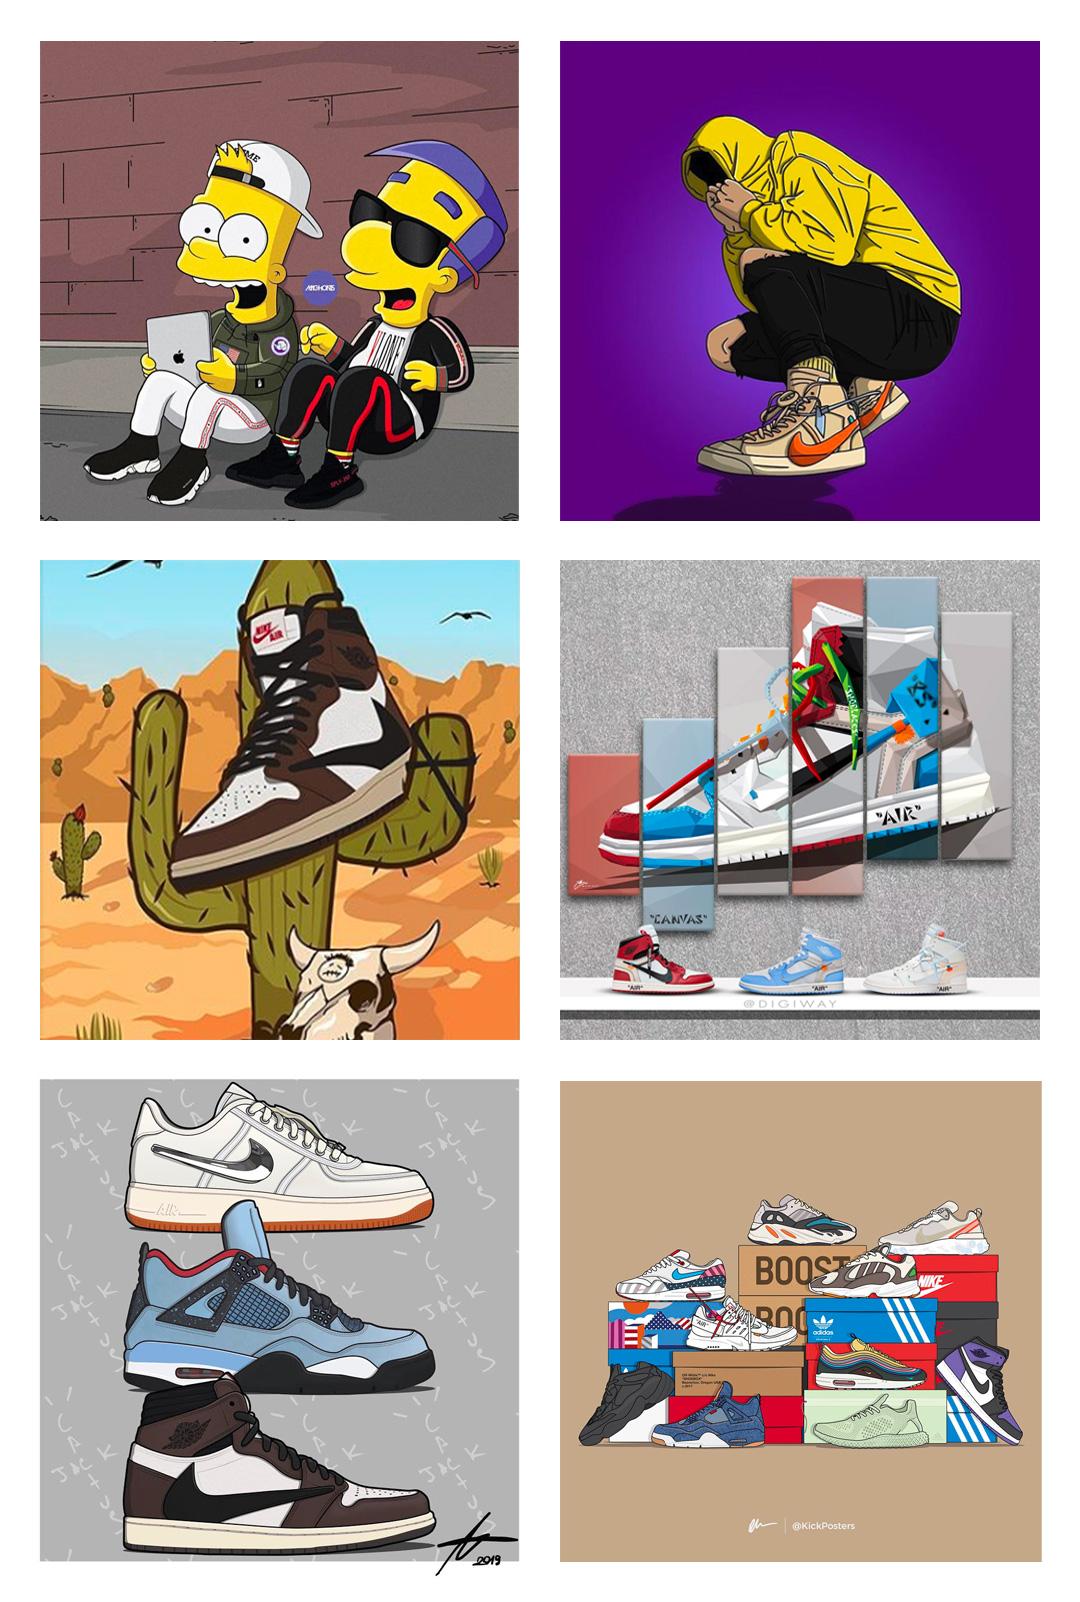 Sneaker art: @maconis / @alexmacsek / @sadboiartworks / @digiway / @nmthmike / @kickposters